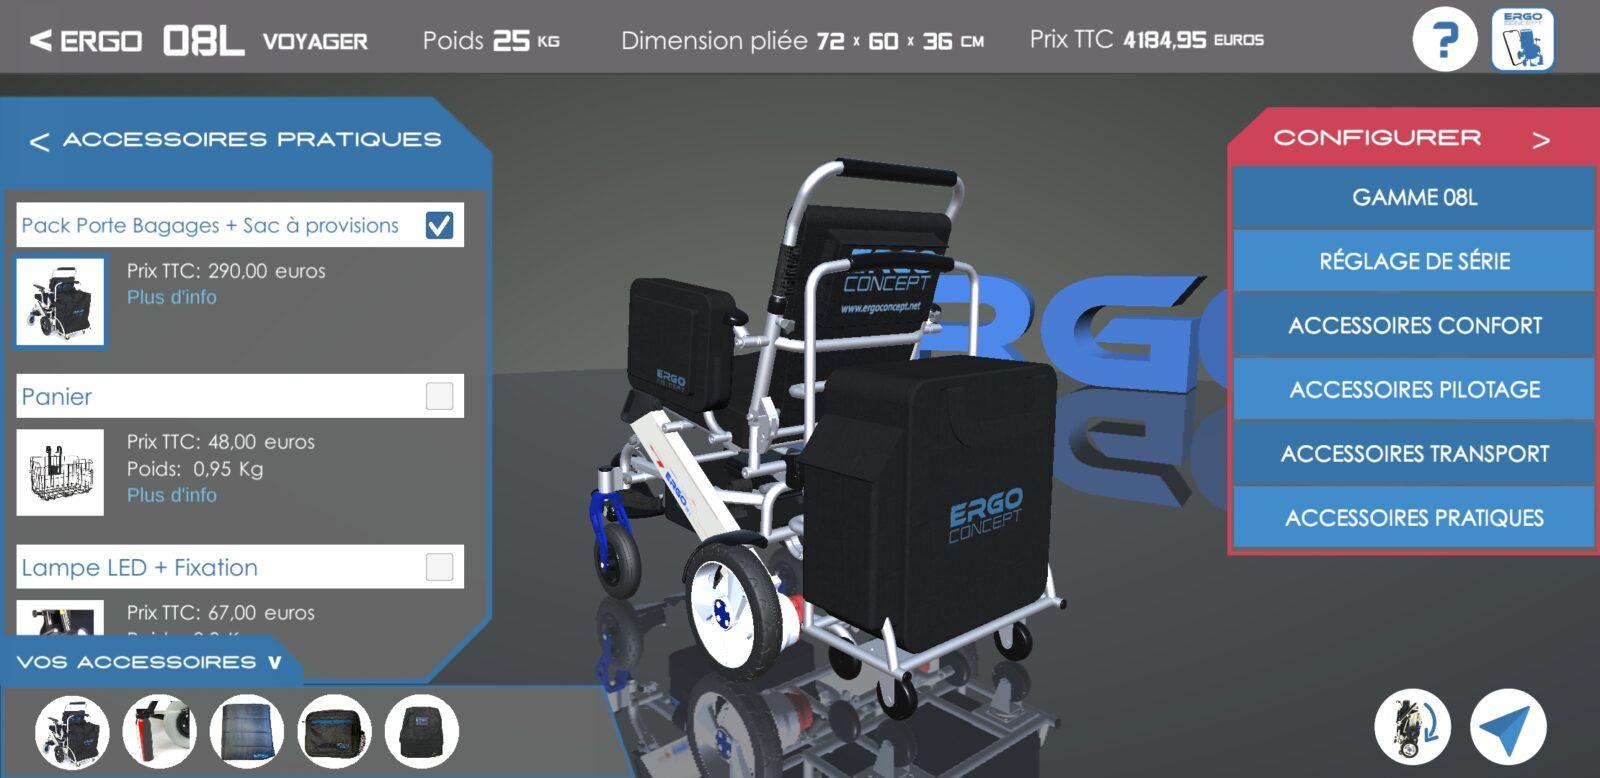 Configurateur ErgoConcept-accessoire